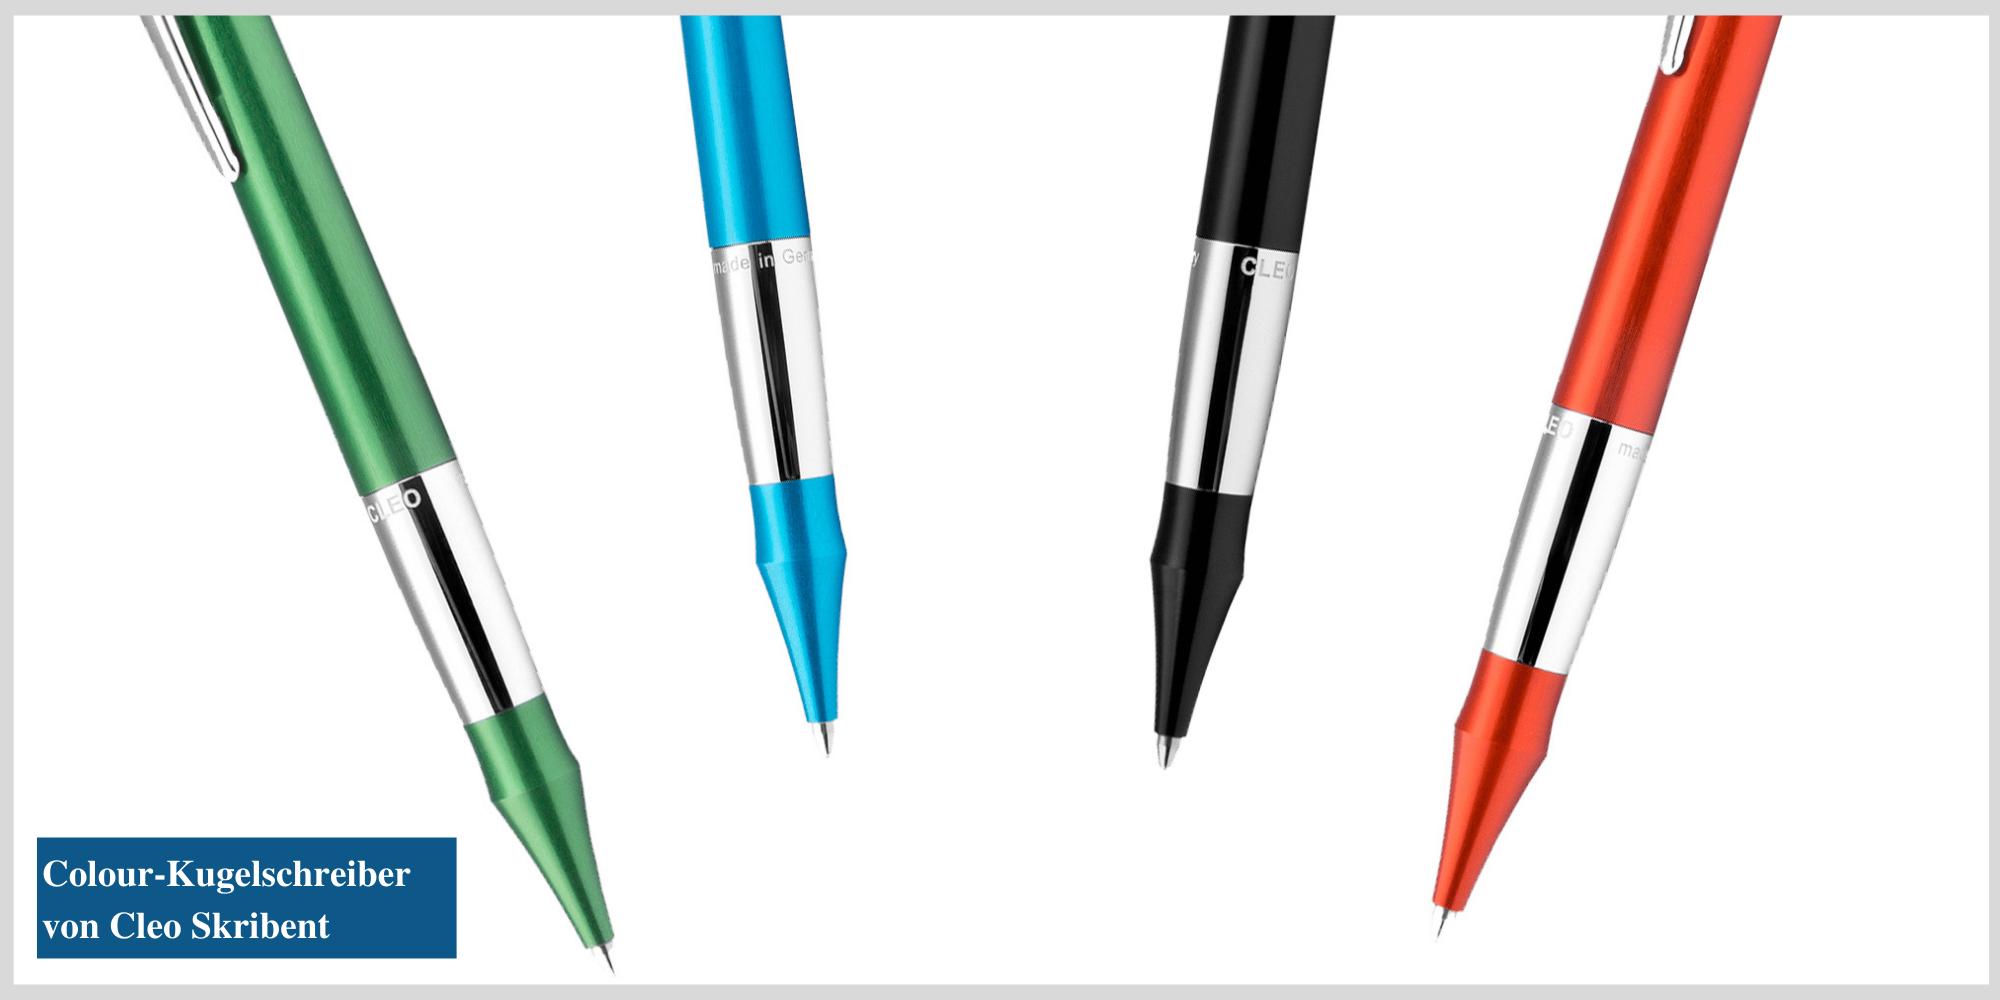 Der Colour Drehkugelschreiber von Cleo Skribent